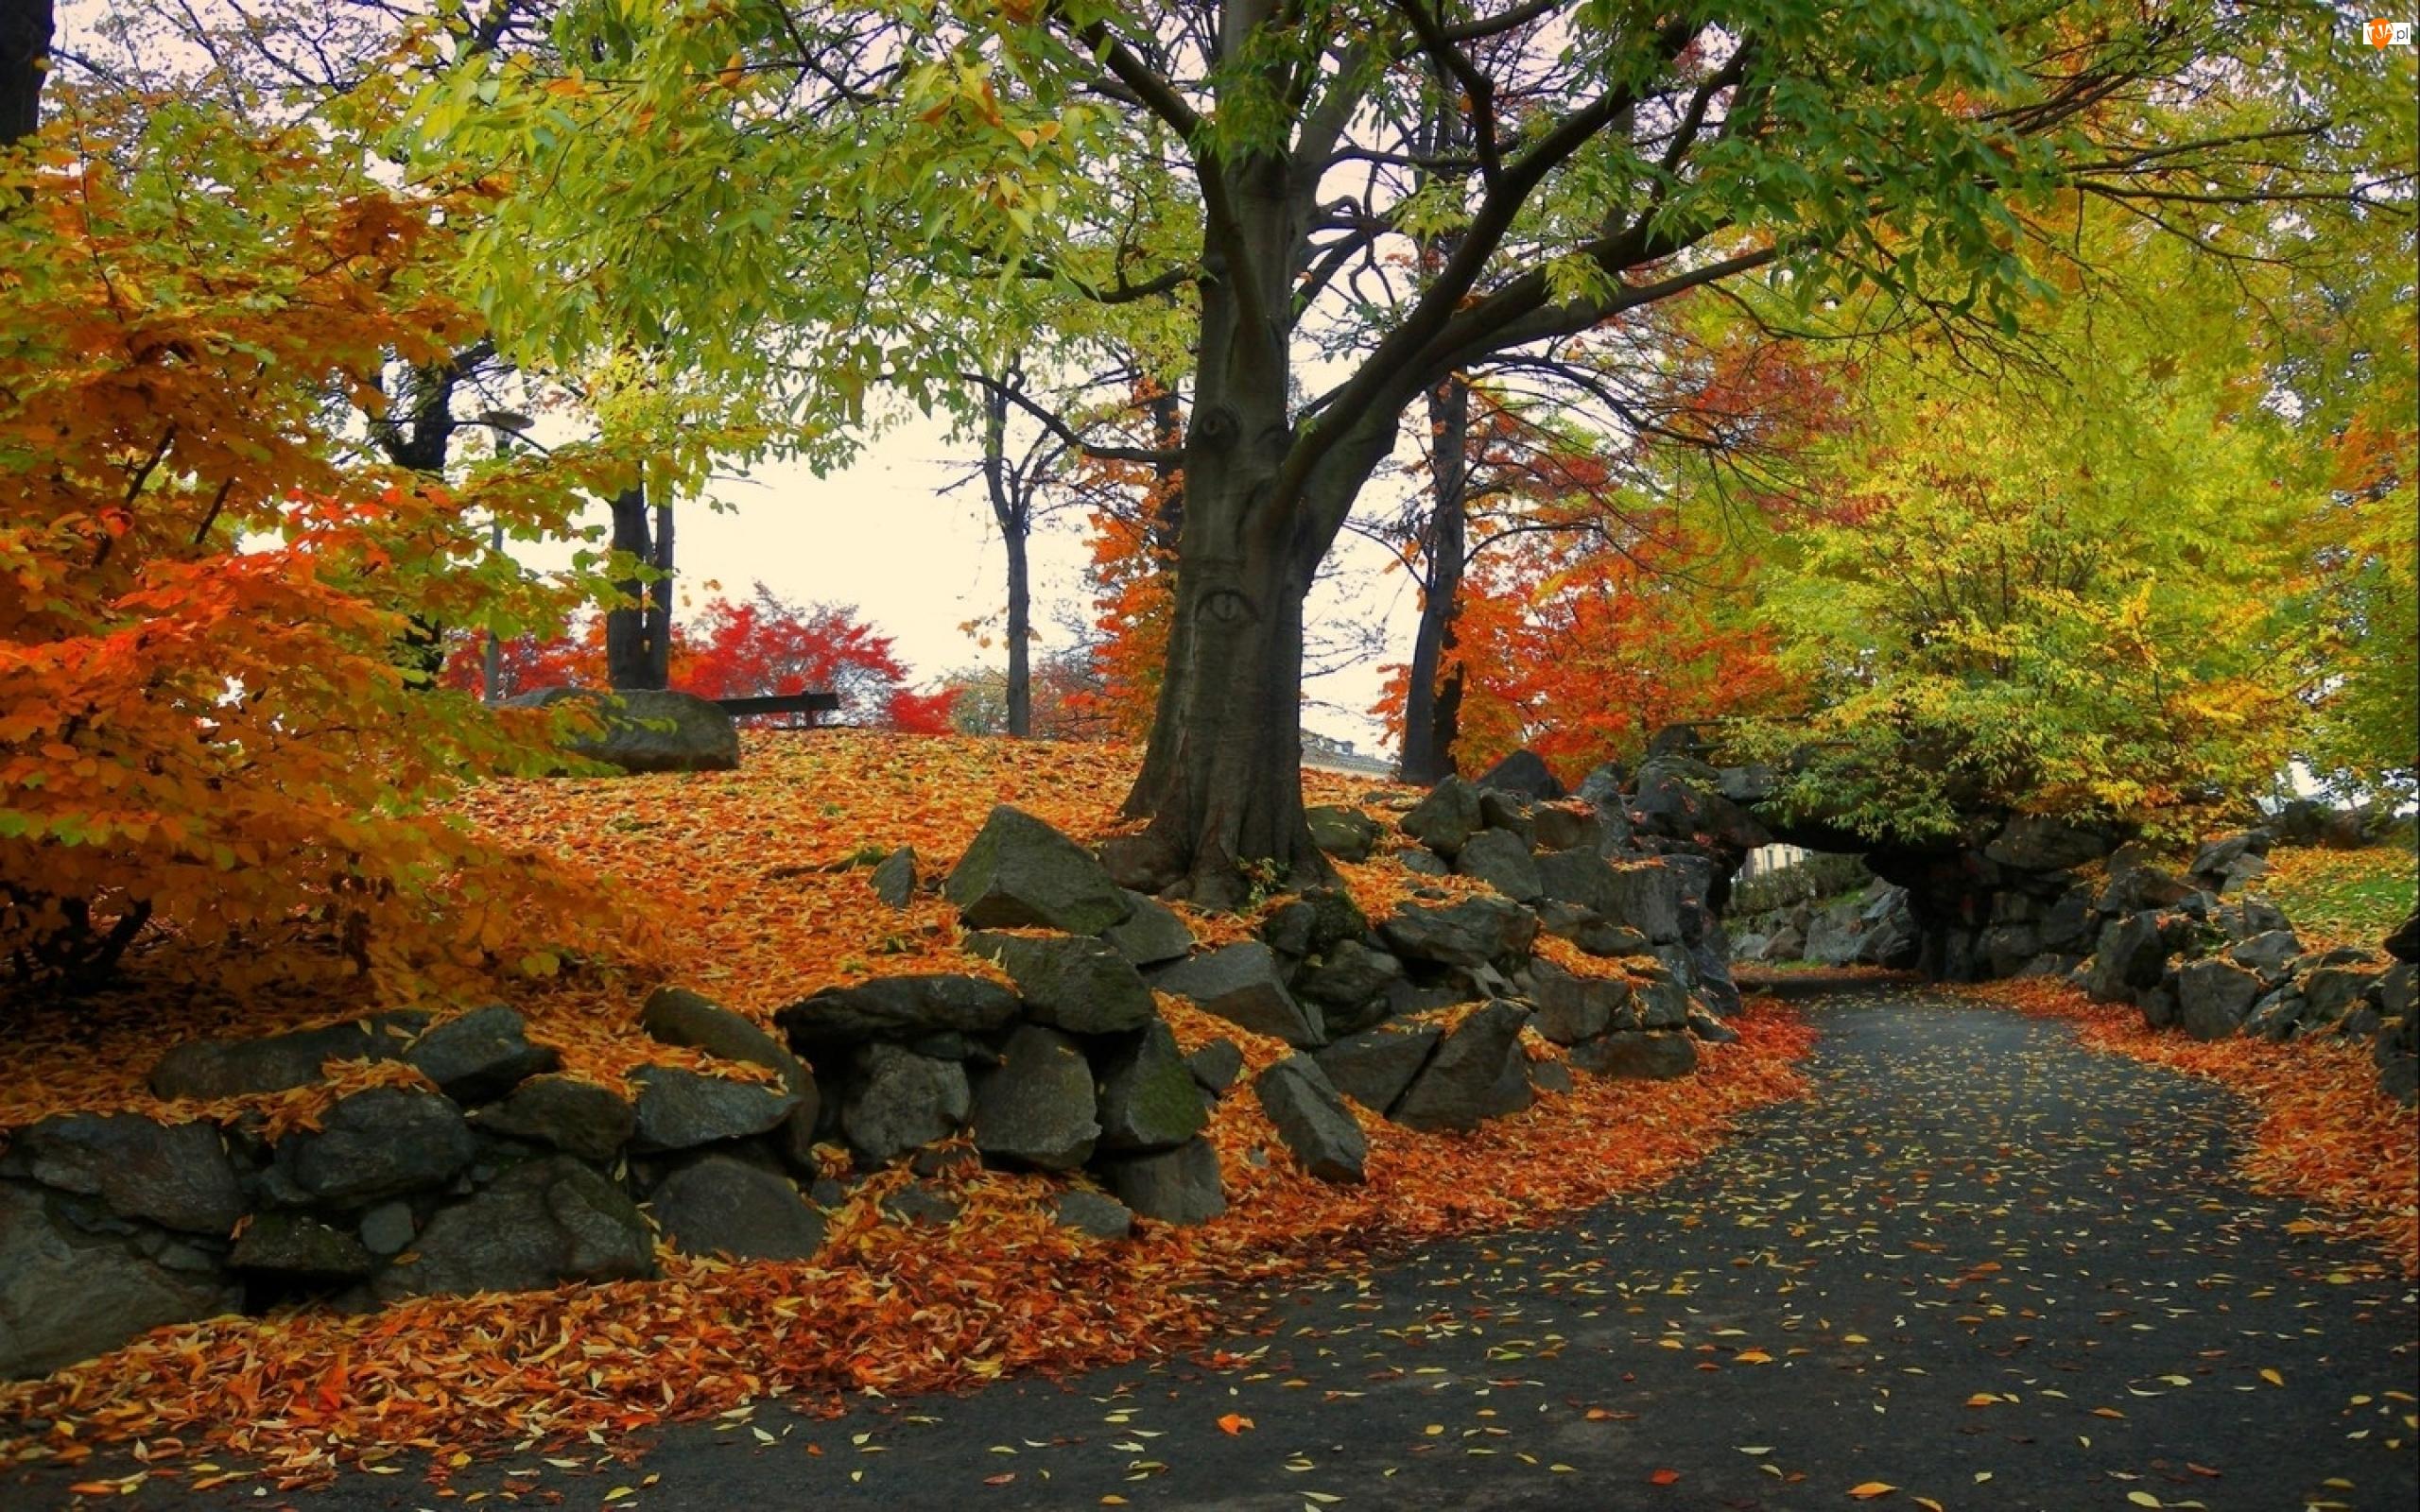 Jesień, Drzewa, Droga, Kamienie